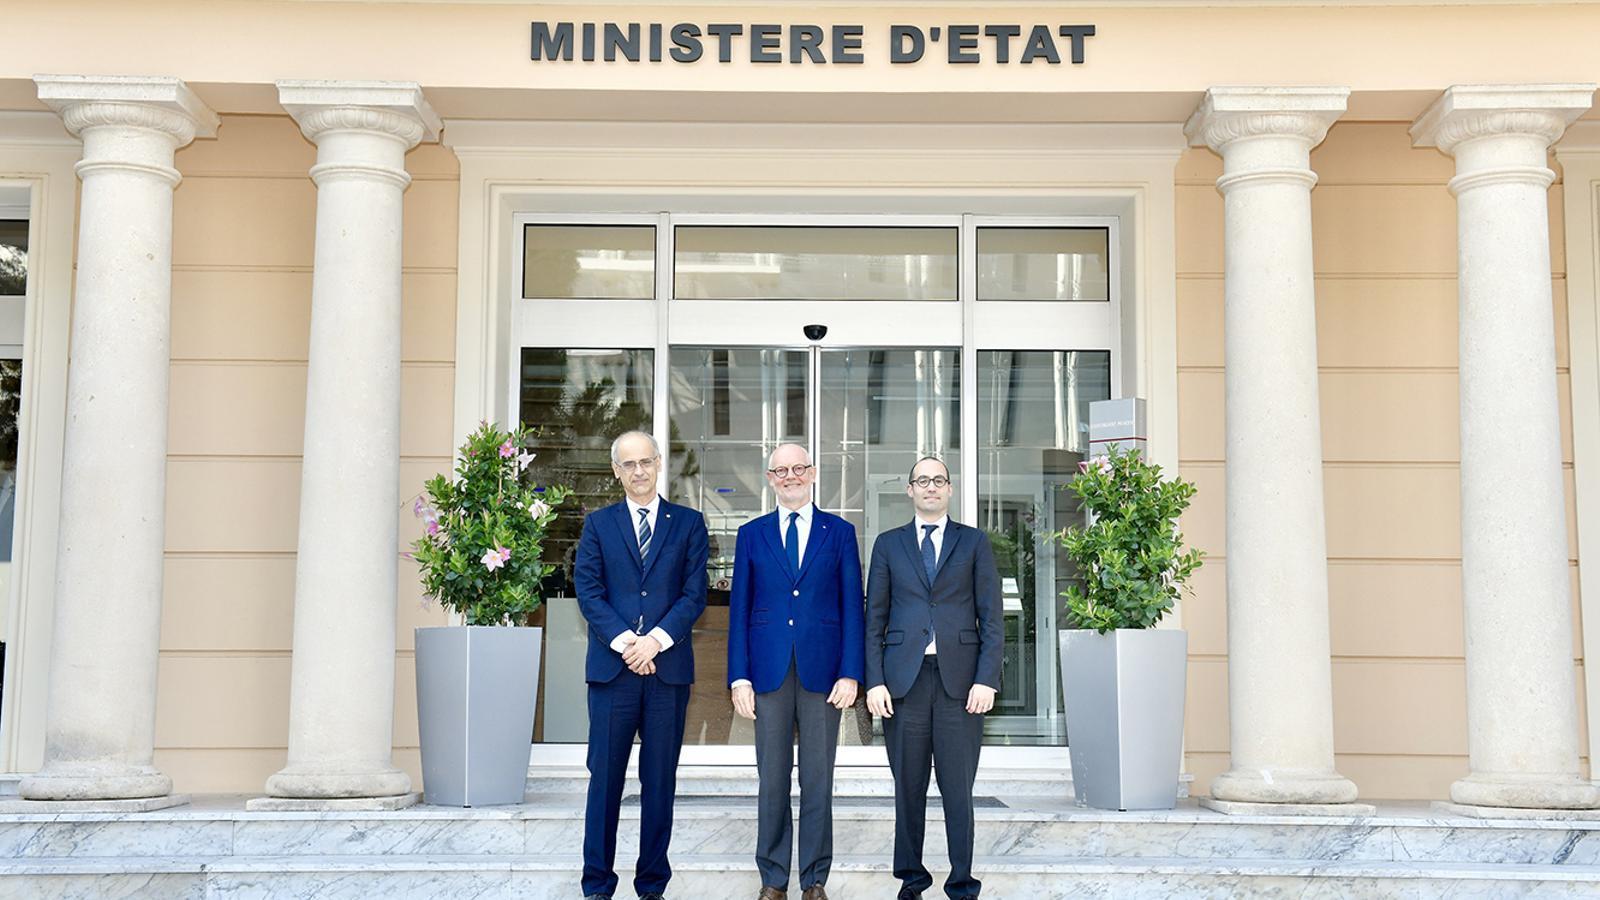 El cap de Govern d'Andorra, Toni Martí; el ministre d'Estat de Mònaco, Serge Telle i el secretari d'Estat d'Afers Exteriors, Afers Polítics i de la Justícia de San Marino, Nicola Renzi. / SERVEI FOTOGRÀFIC DEL GOVERN DE MÒNACO